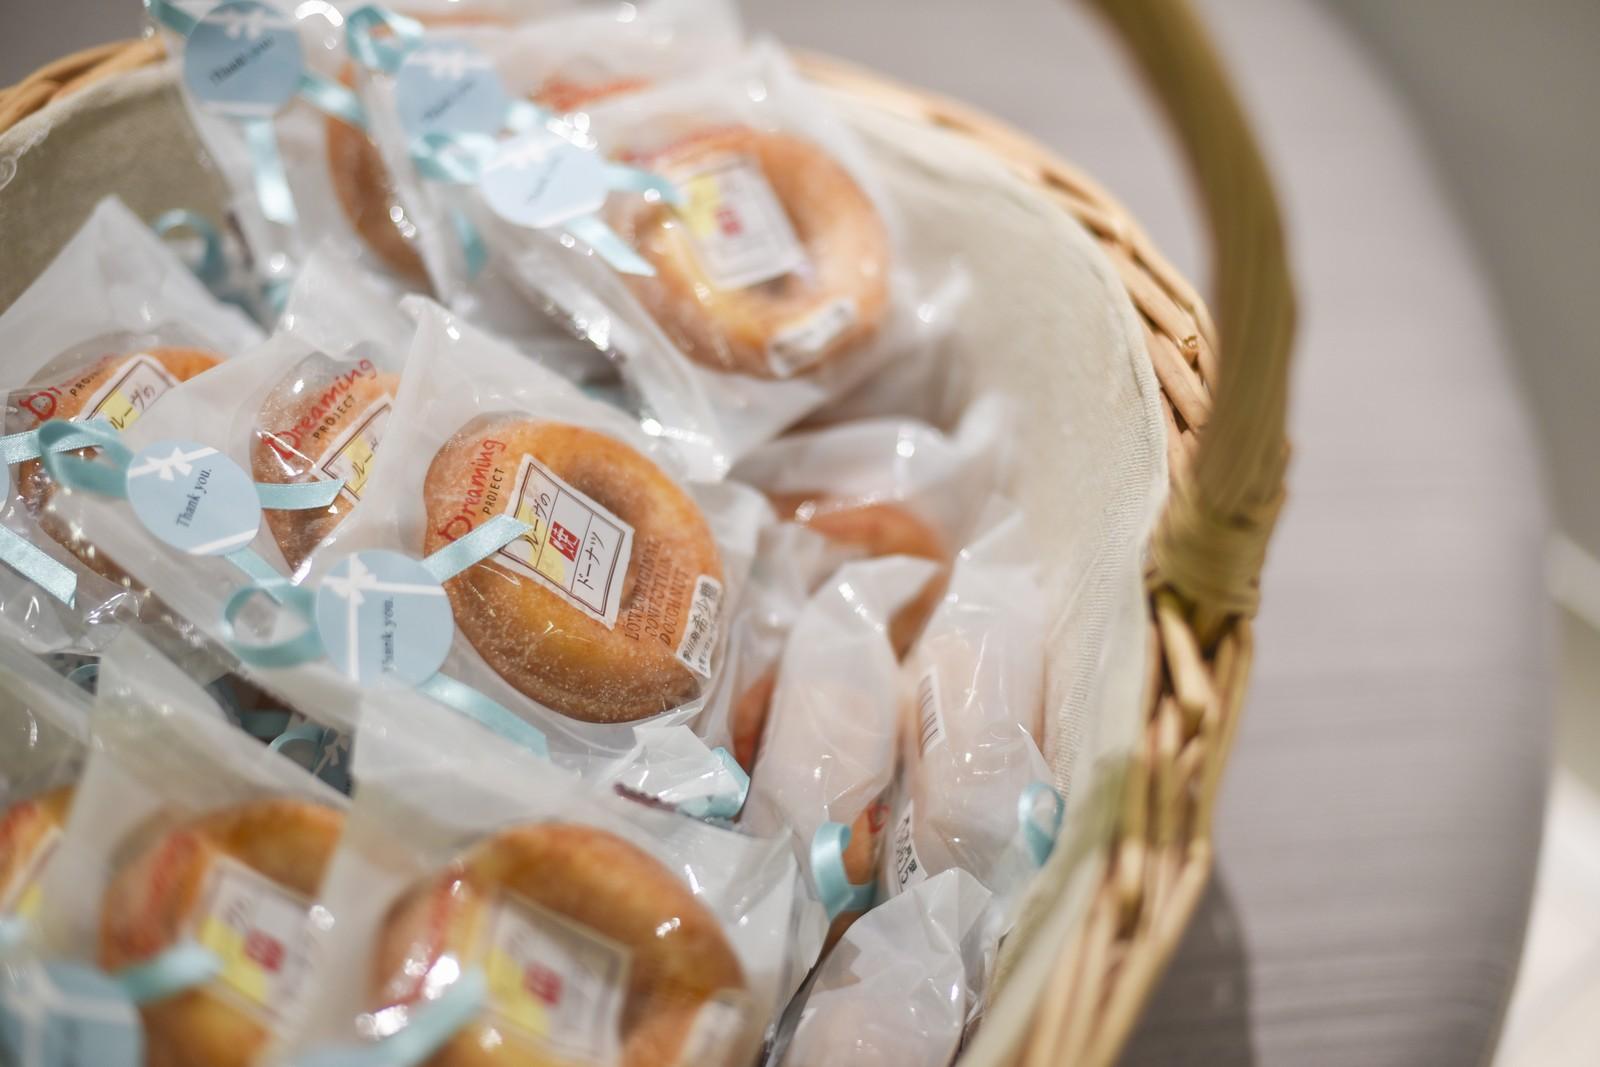 香川県の結婚式場シェルエメール&アイスタイルのお見送り品のドーナツ